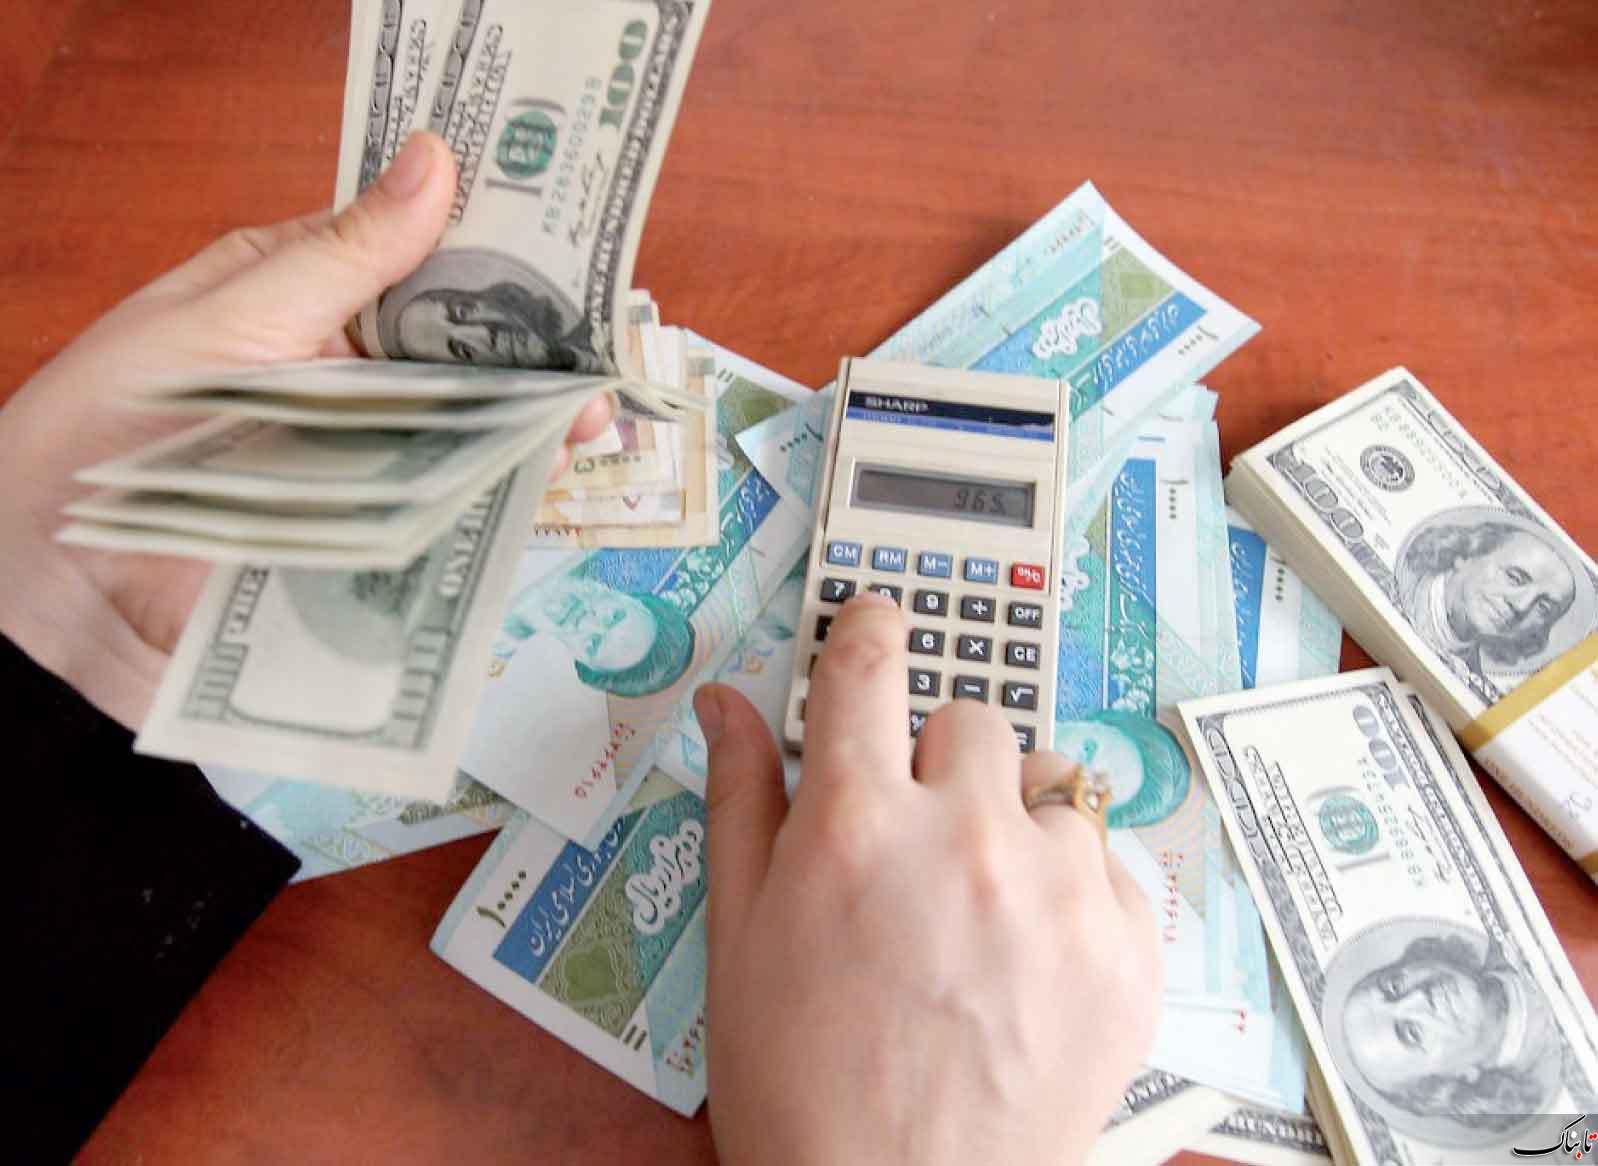 پیش بینی کسری بودجه۵۰ تا ۶۰ هزار میلیارد تومانی در سال ۹۸/ نفت، اوراق یا صندوق توسعه ملی؟ کدامیک کسری را جبران میکند؟